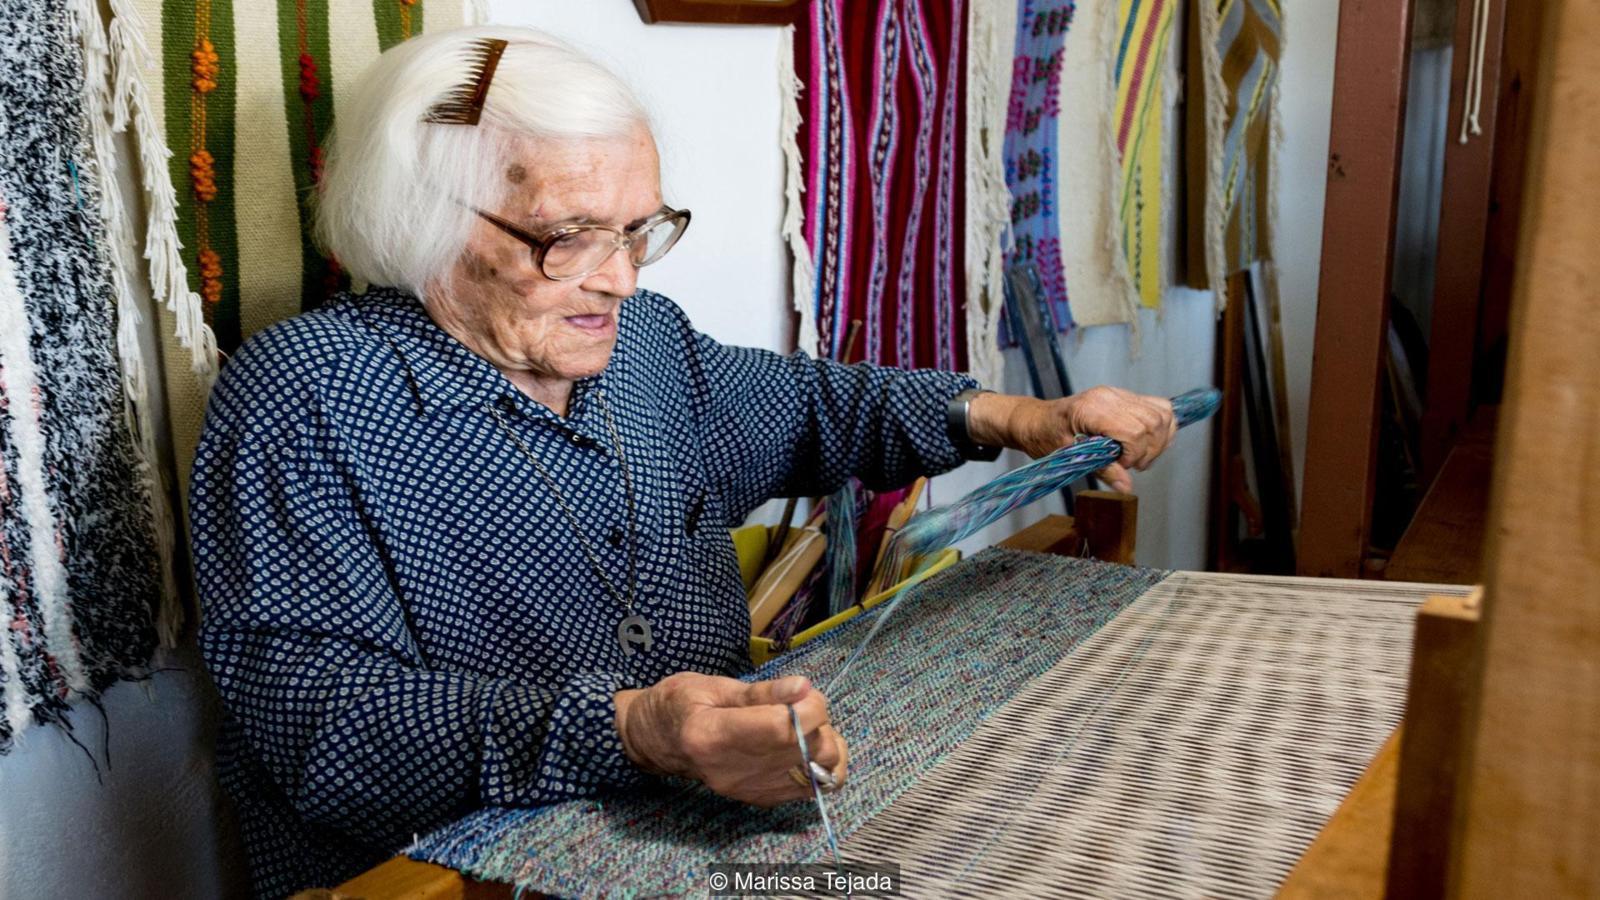 """Ngôi làng kỳ lạ cụ già 81 tuổi vẫn được coi là """"trẻ con"""" - ảnh 1"""